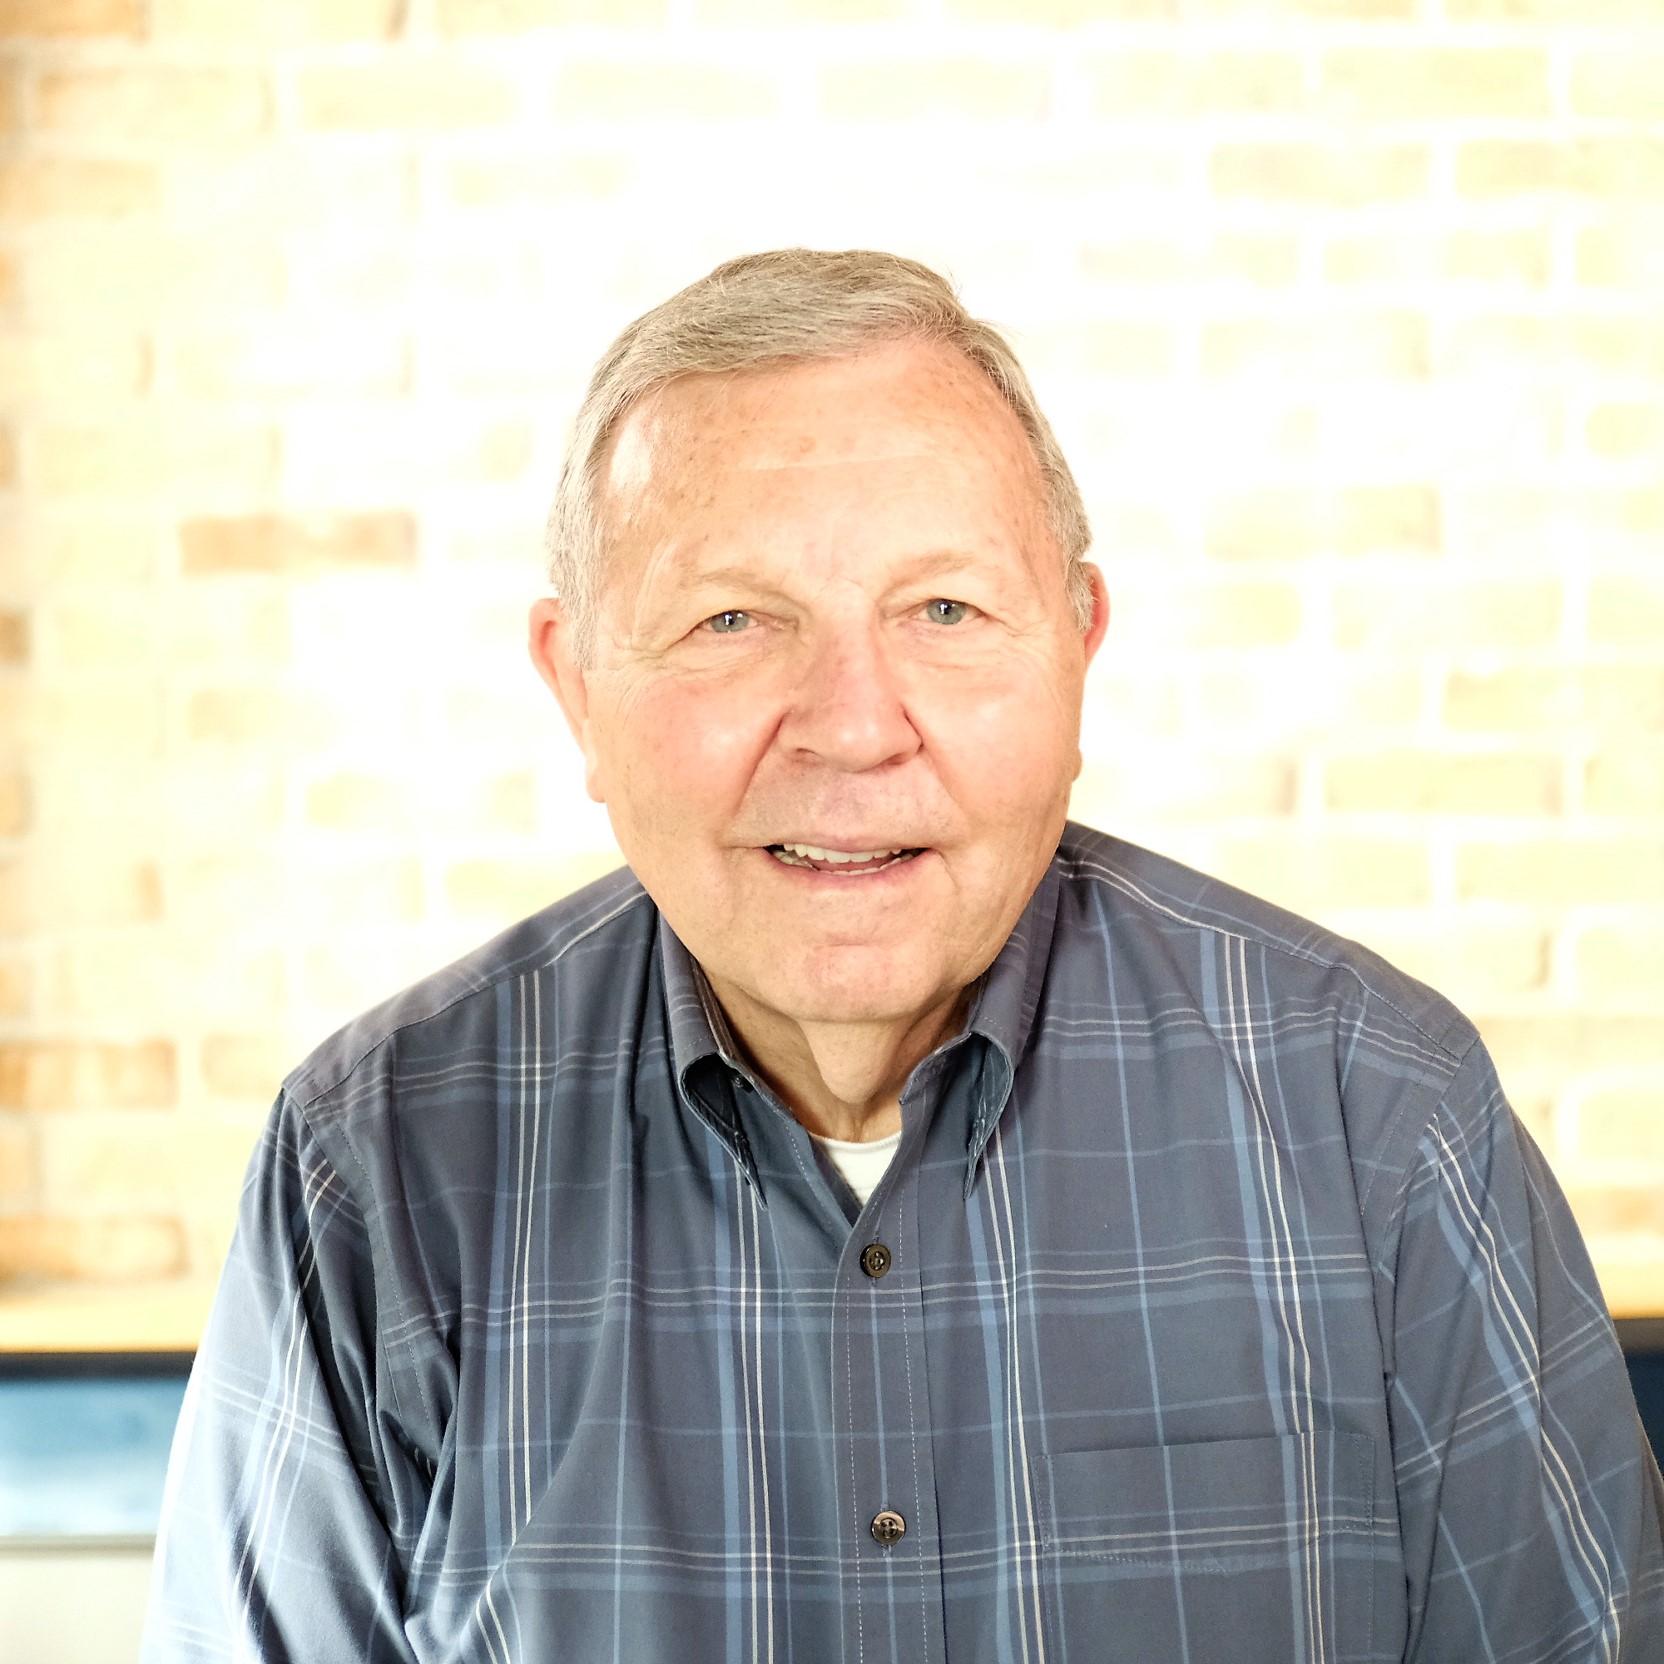 Ken Fairweather